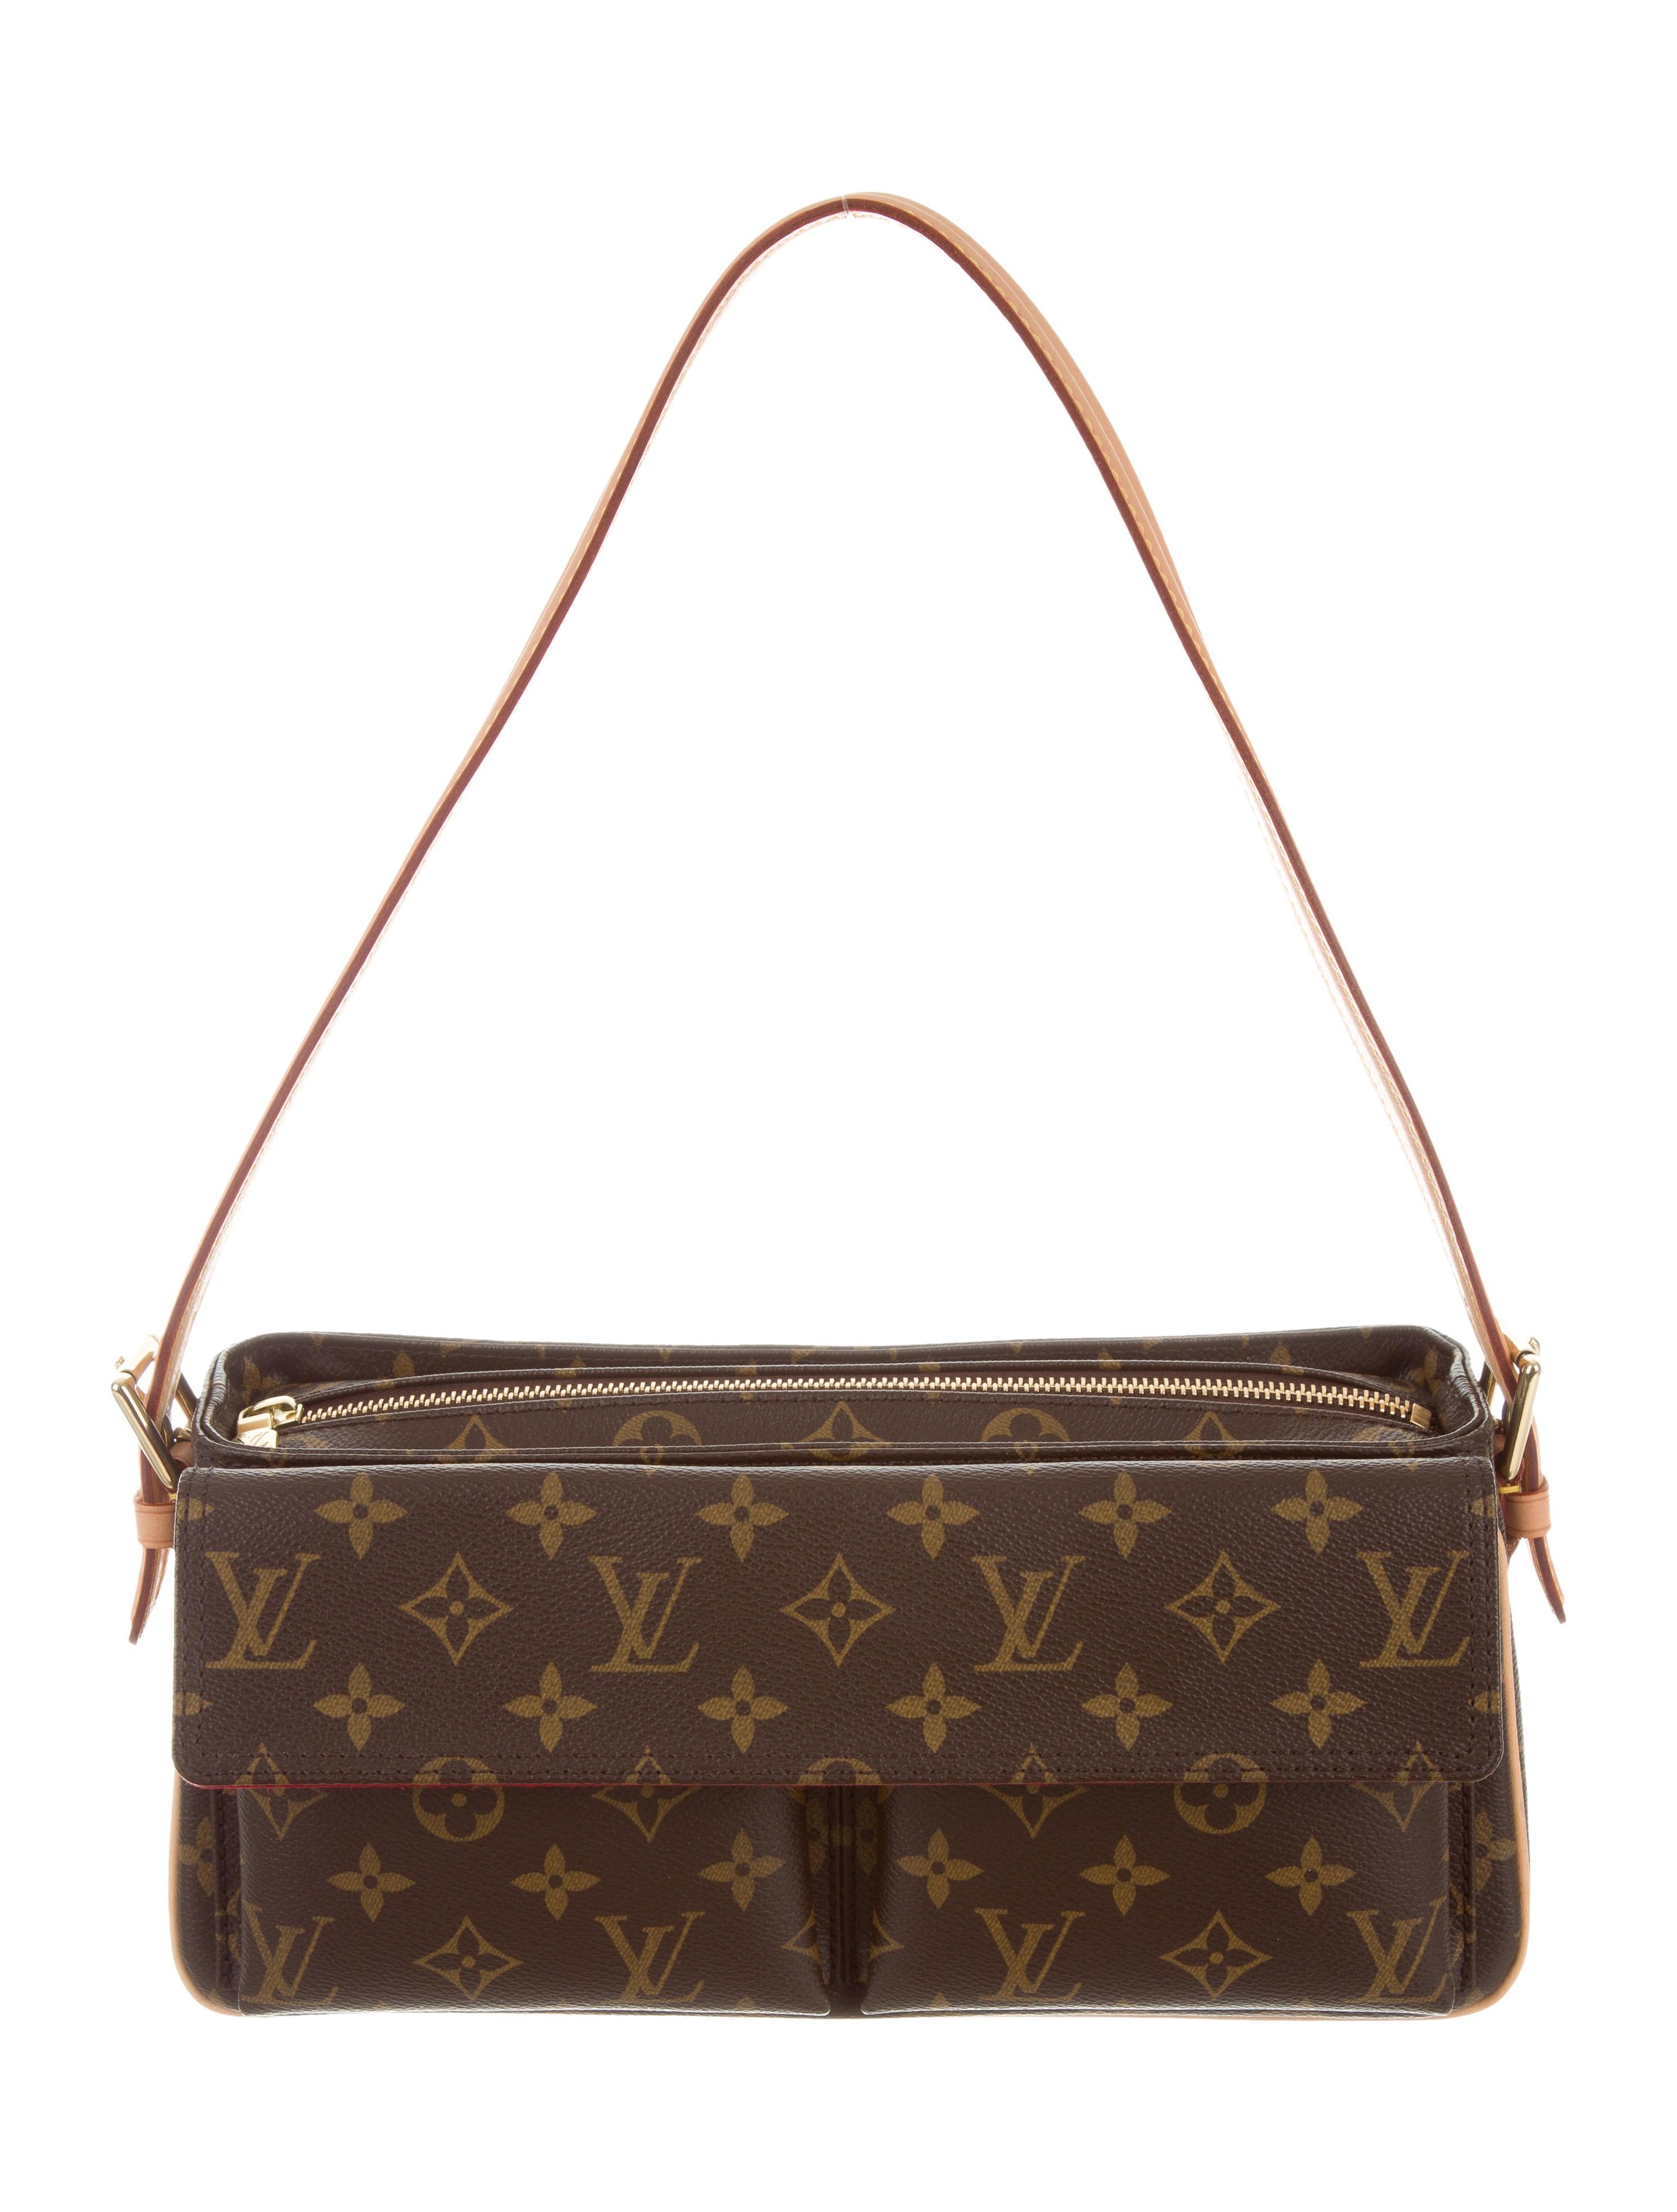 Louis Vuitton Monogram Viva Cité MM - Handbags - LOU146429   The ... 0325abae07